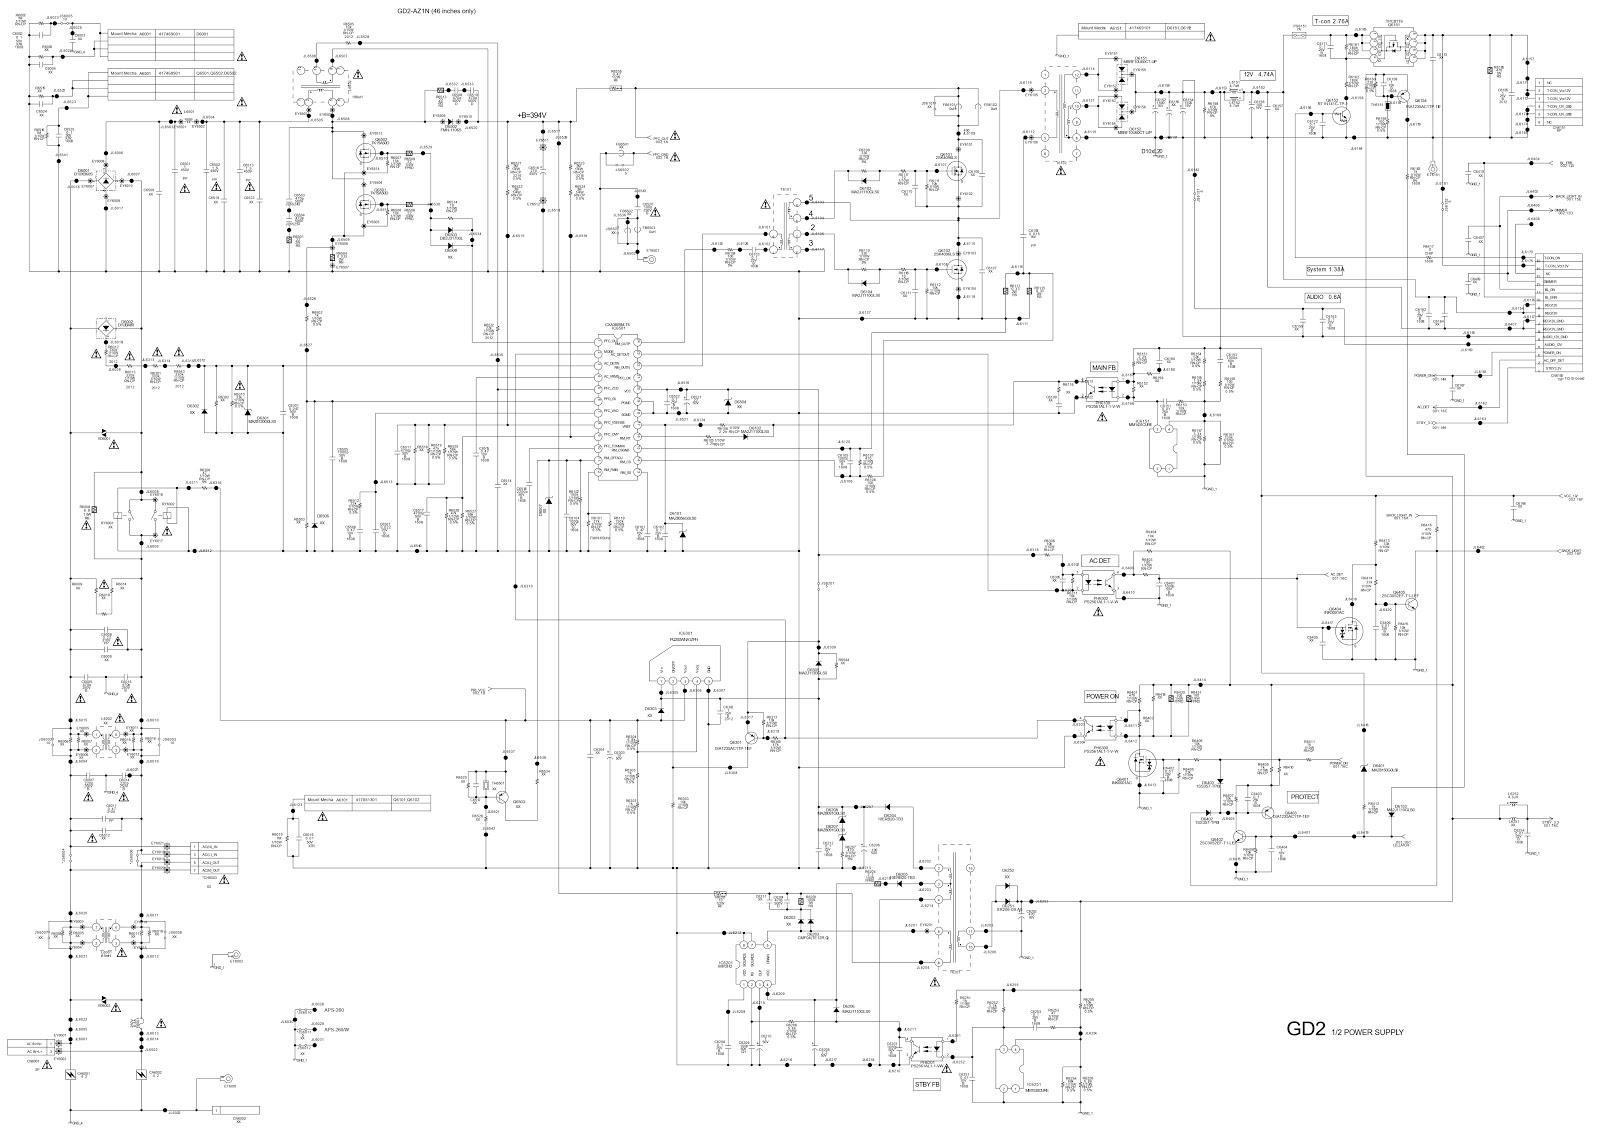 300w Atx Power Supply Schematic